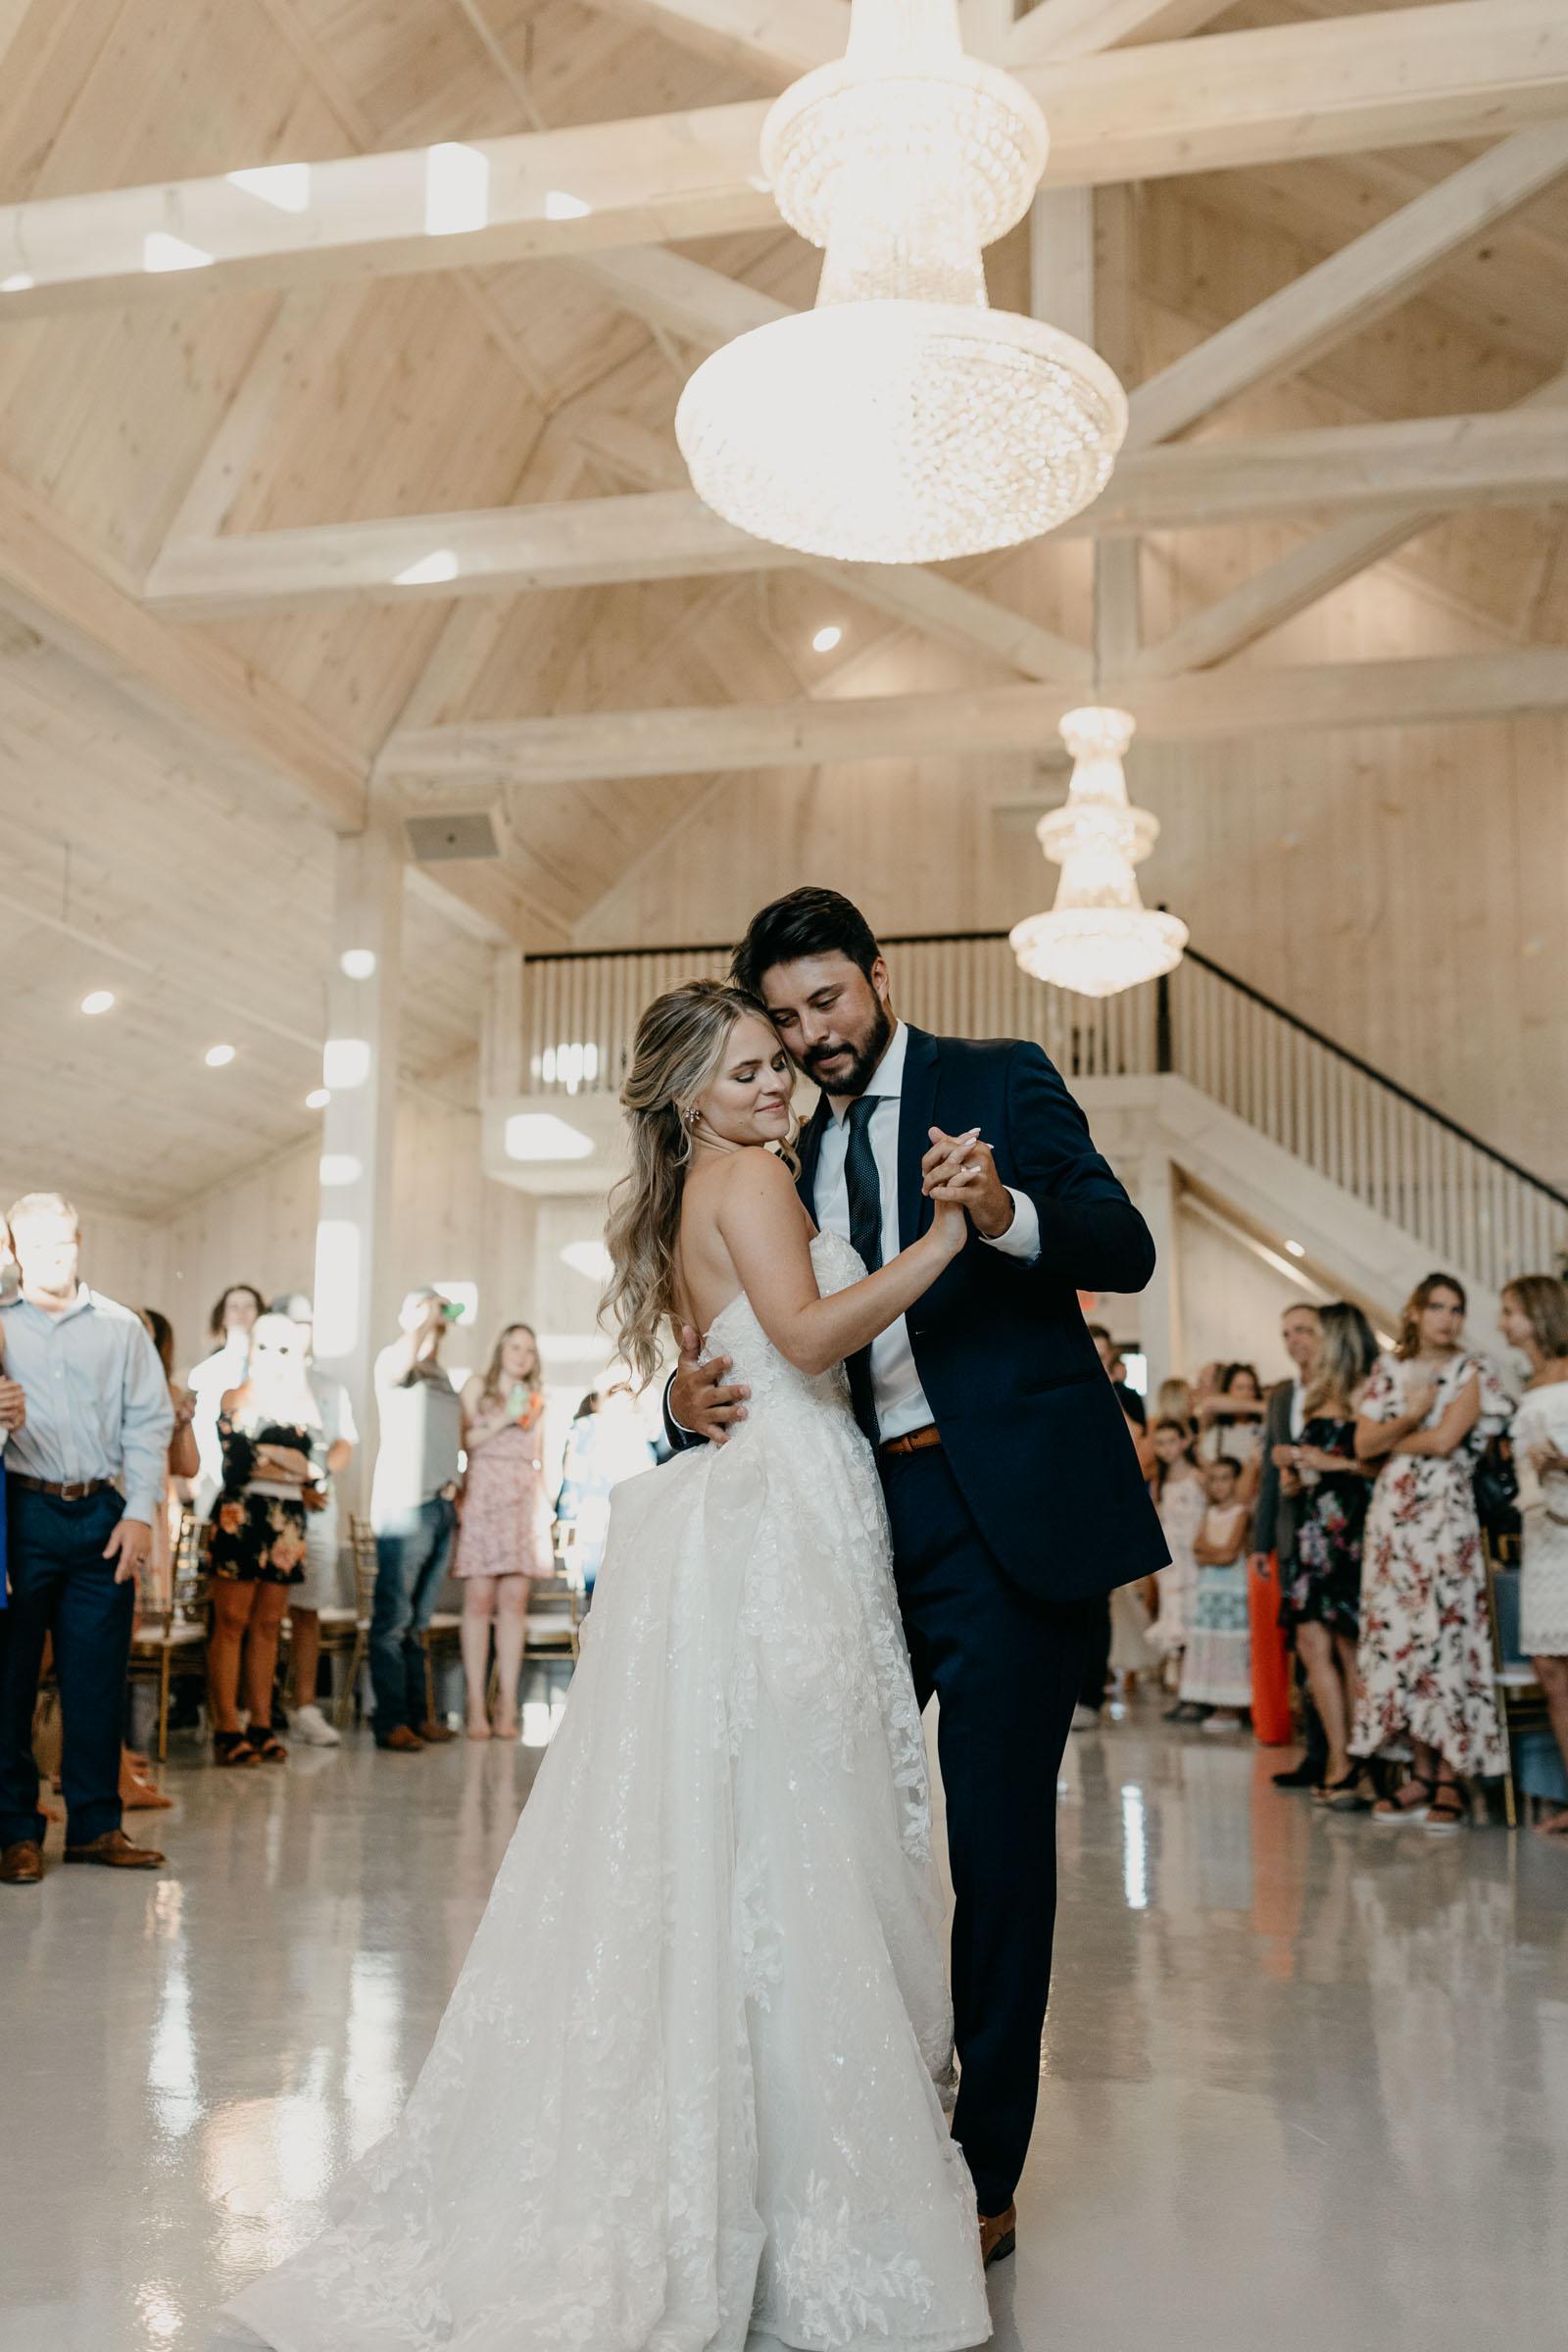 first dance wedding photo in DFW